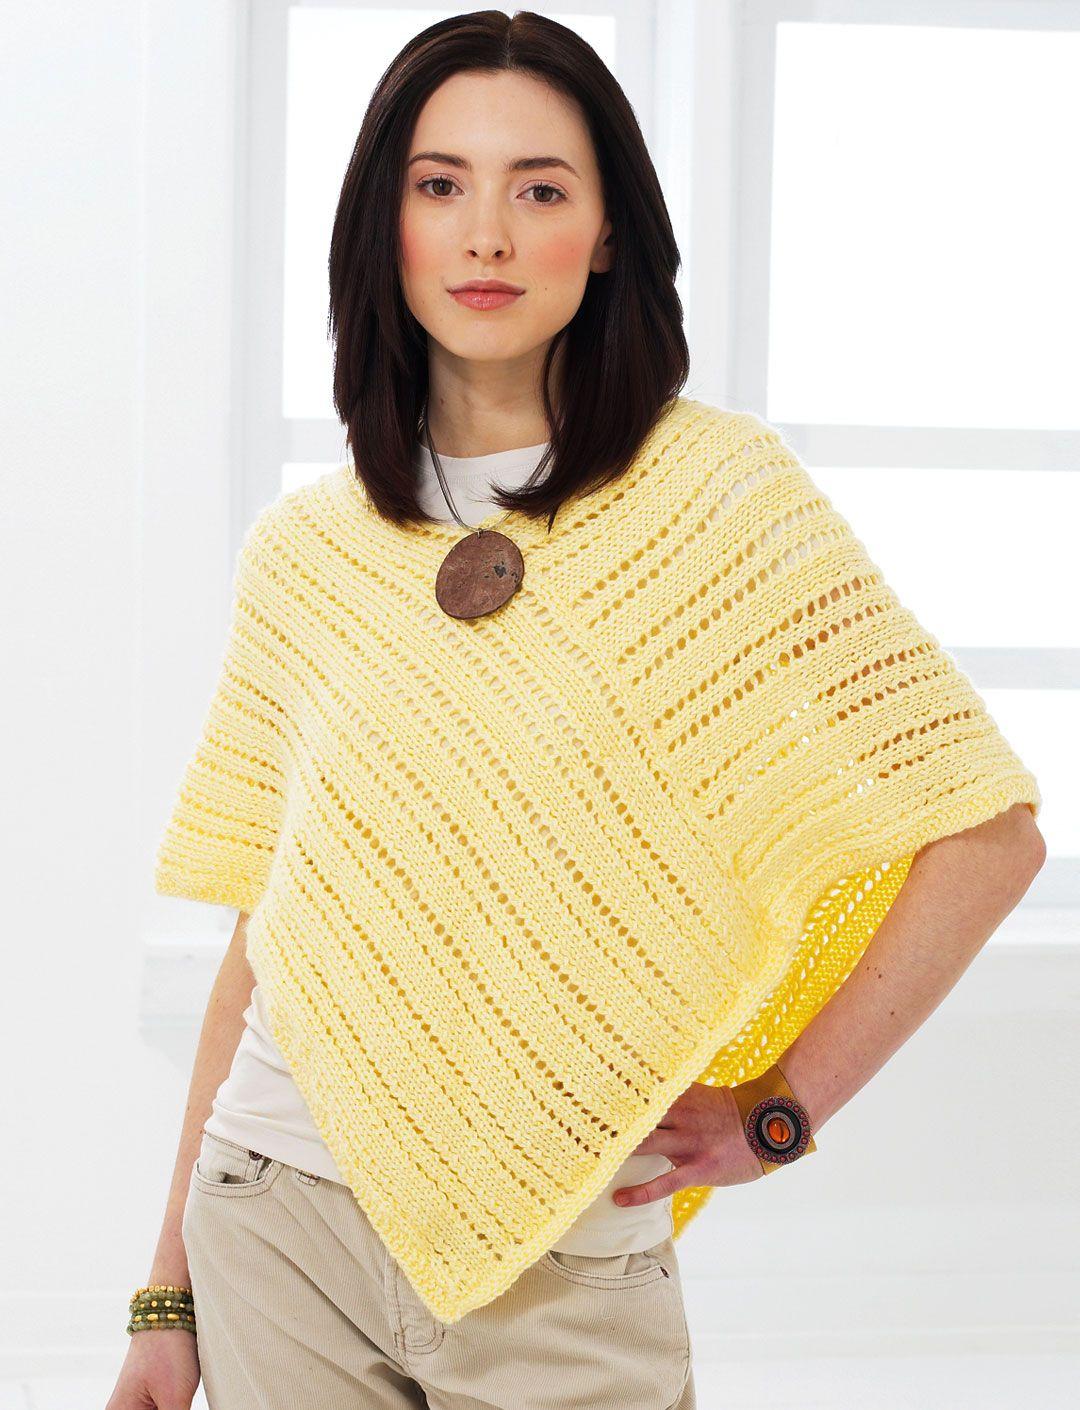 Girls Knit Poncho Pattern   Free Easy Knit Poncho Pattern ...